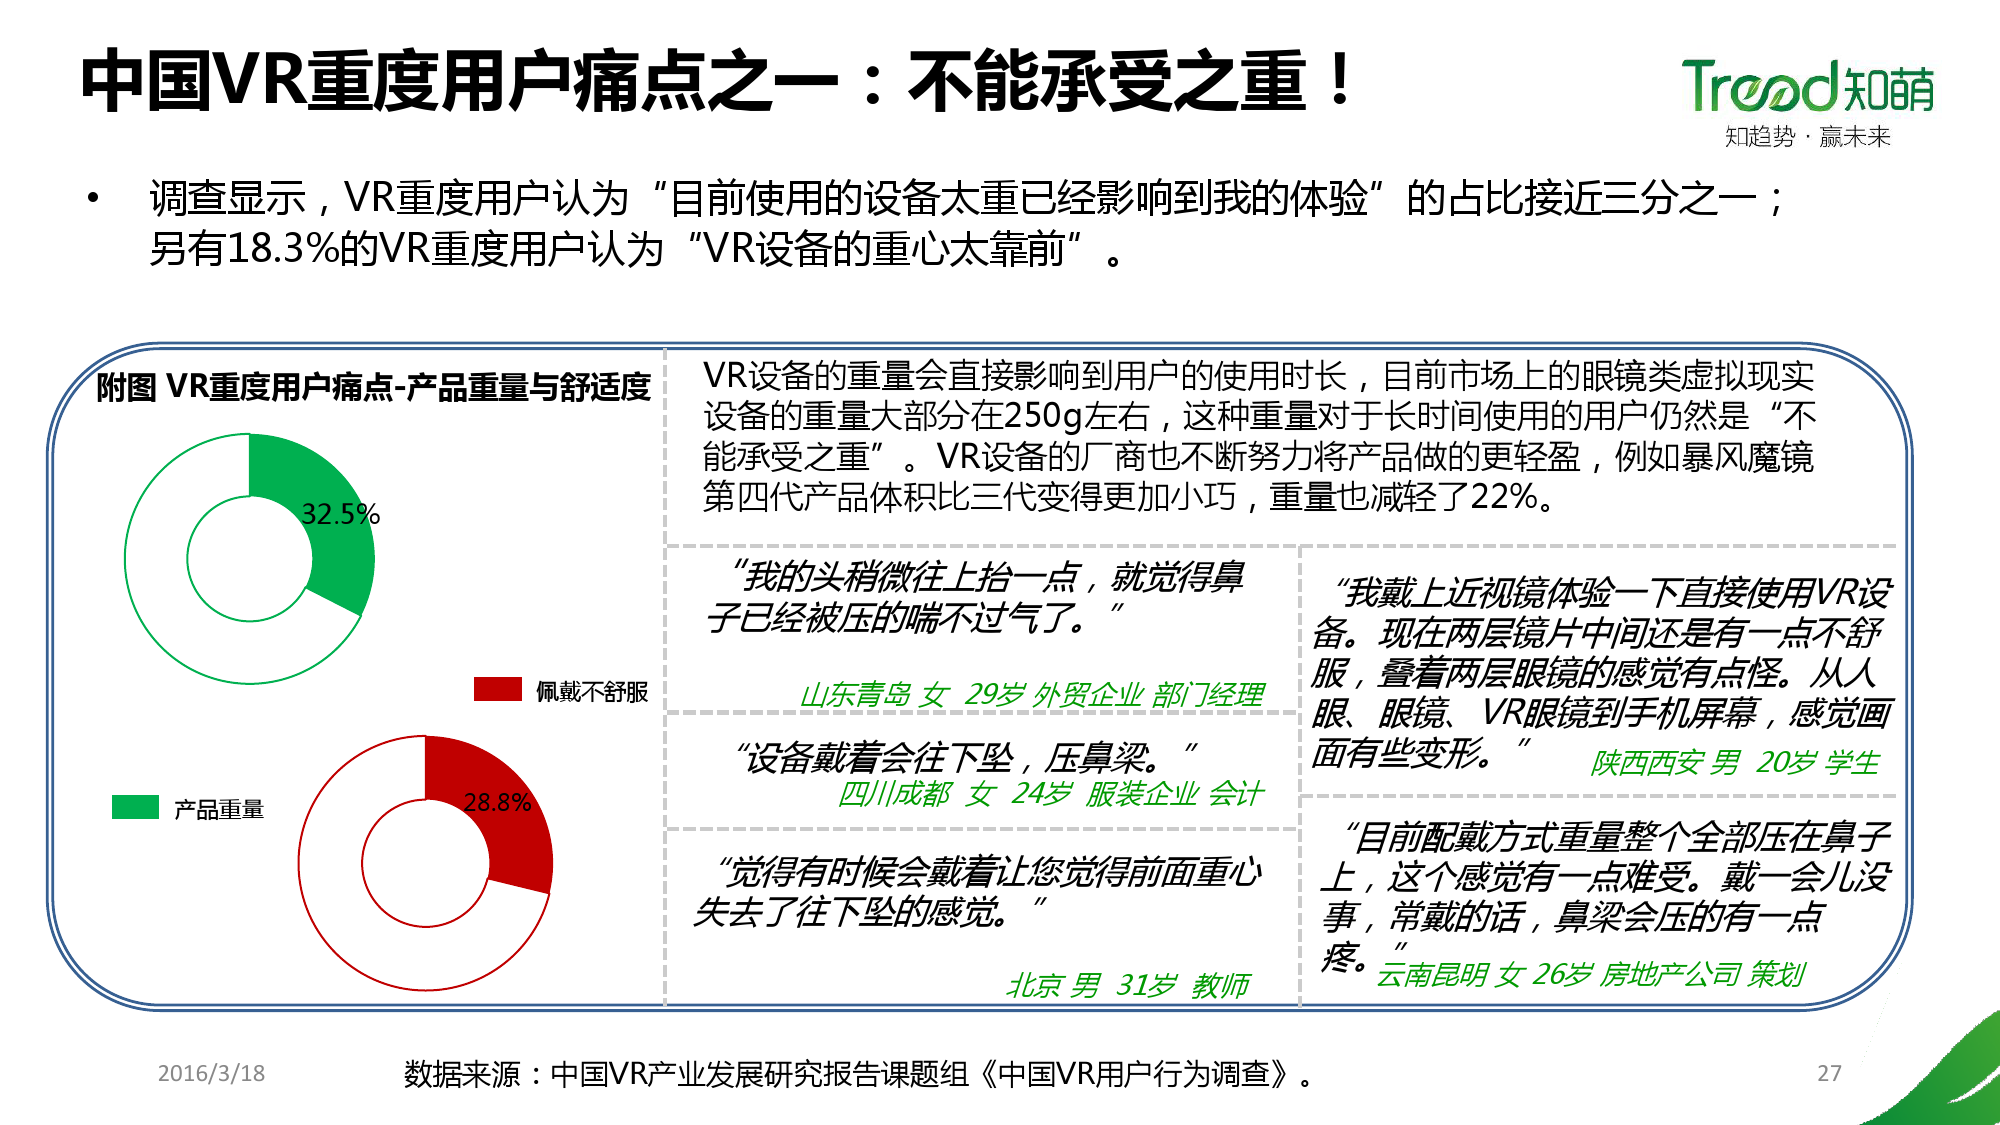 中国VR用户行为研究报告_000027